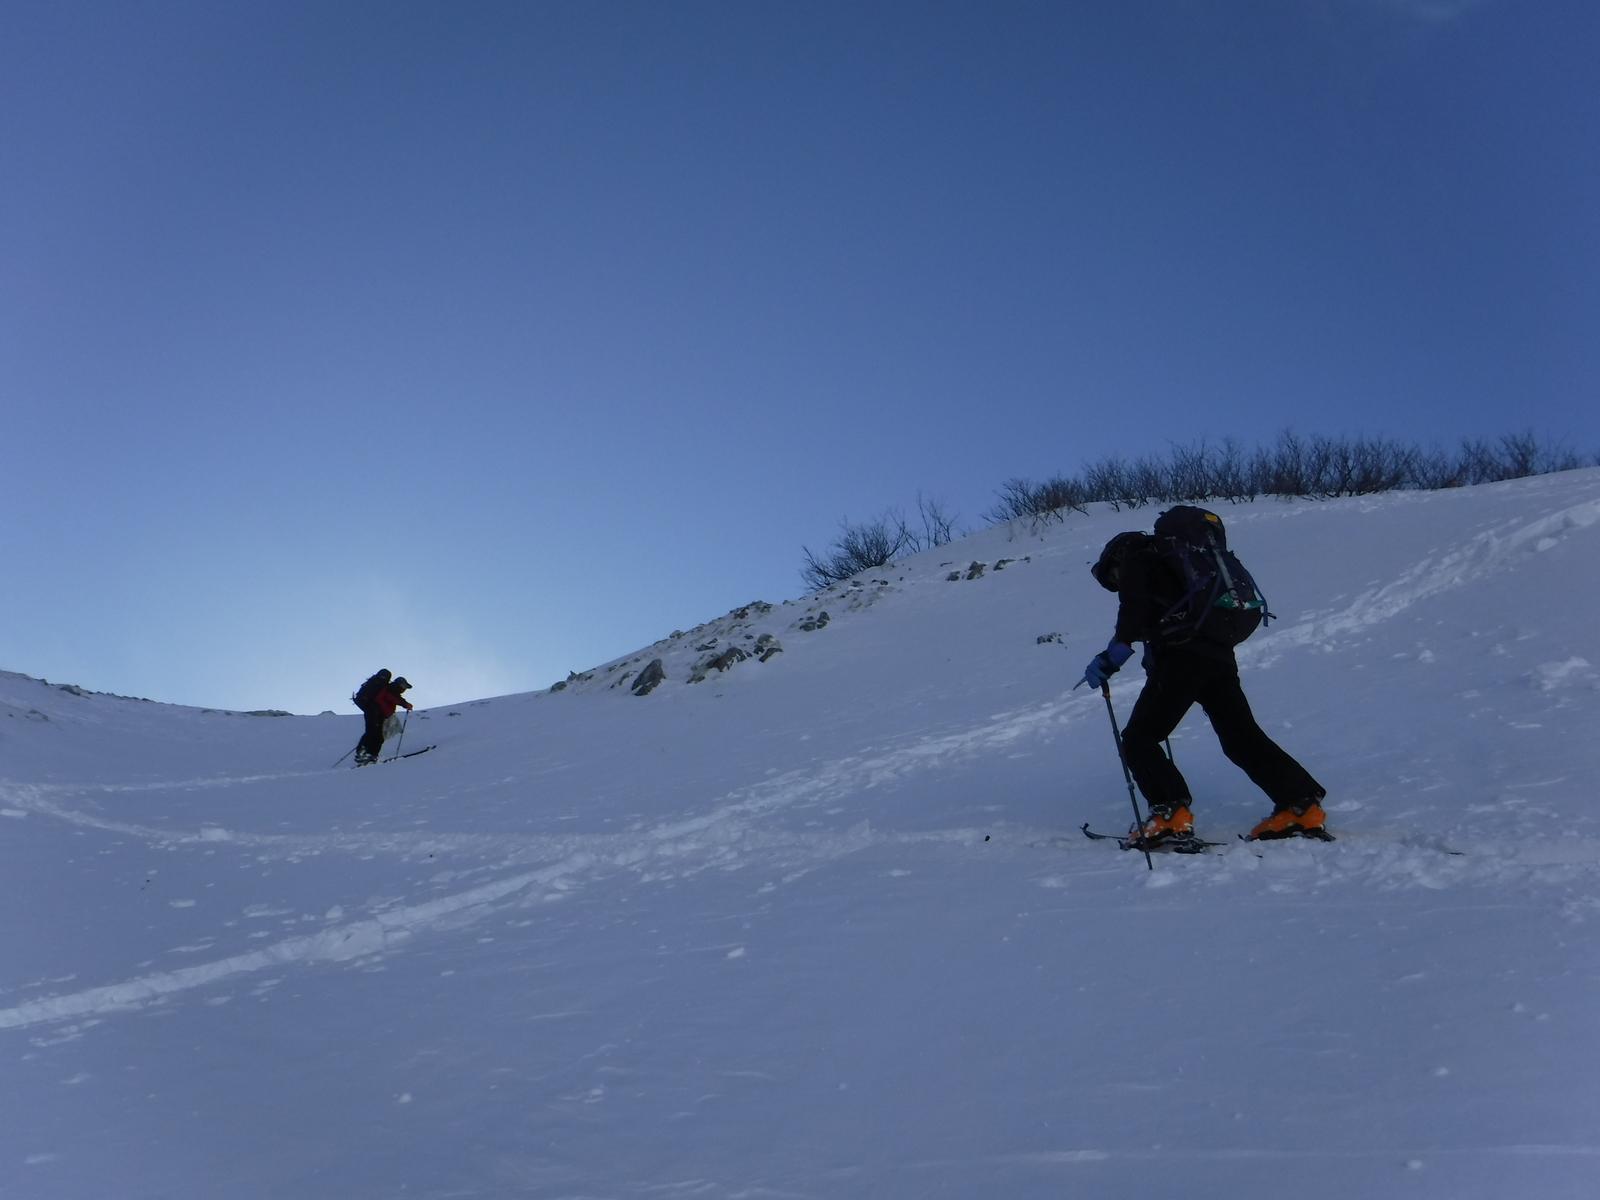 11/22 8:50 大走り 2440m付近、新雪を登る